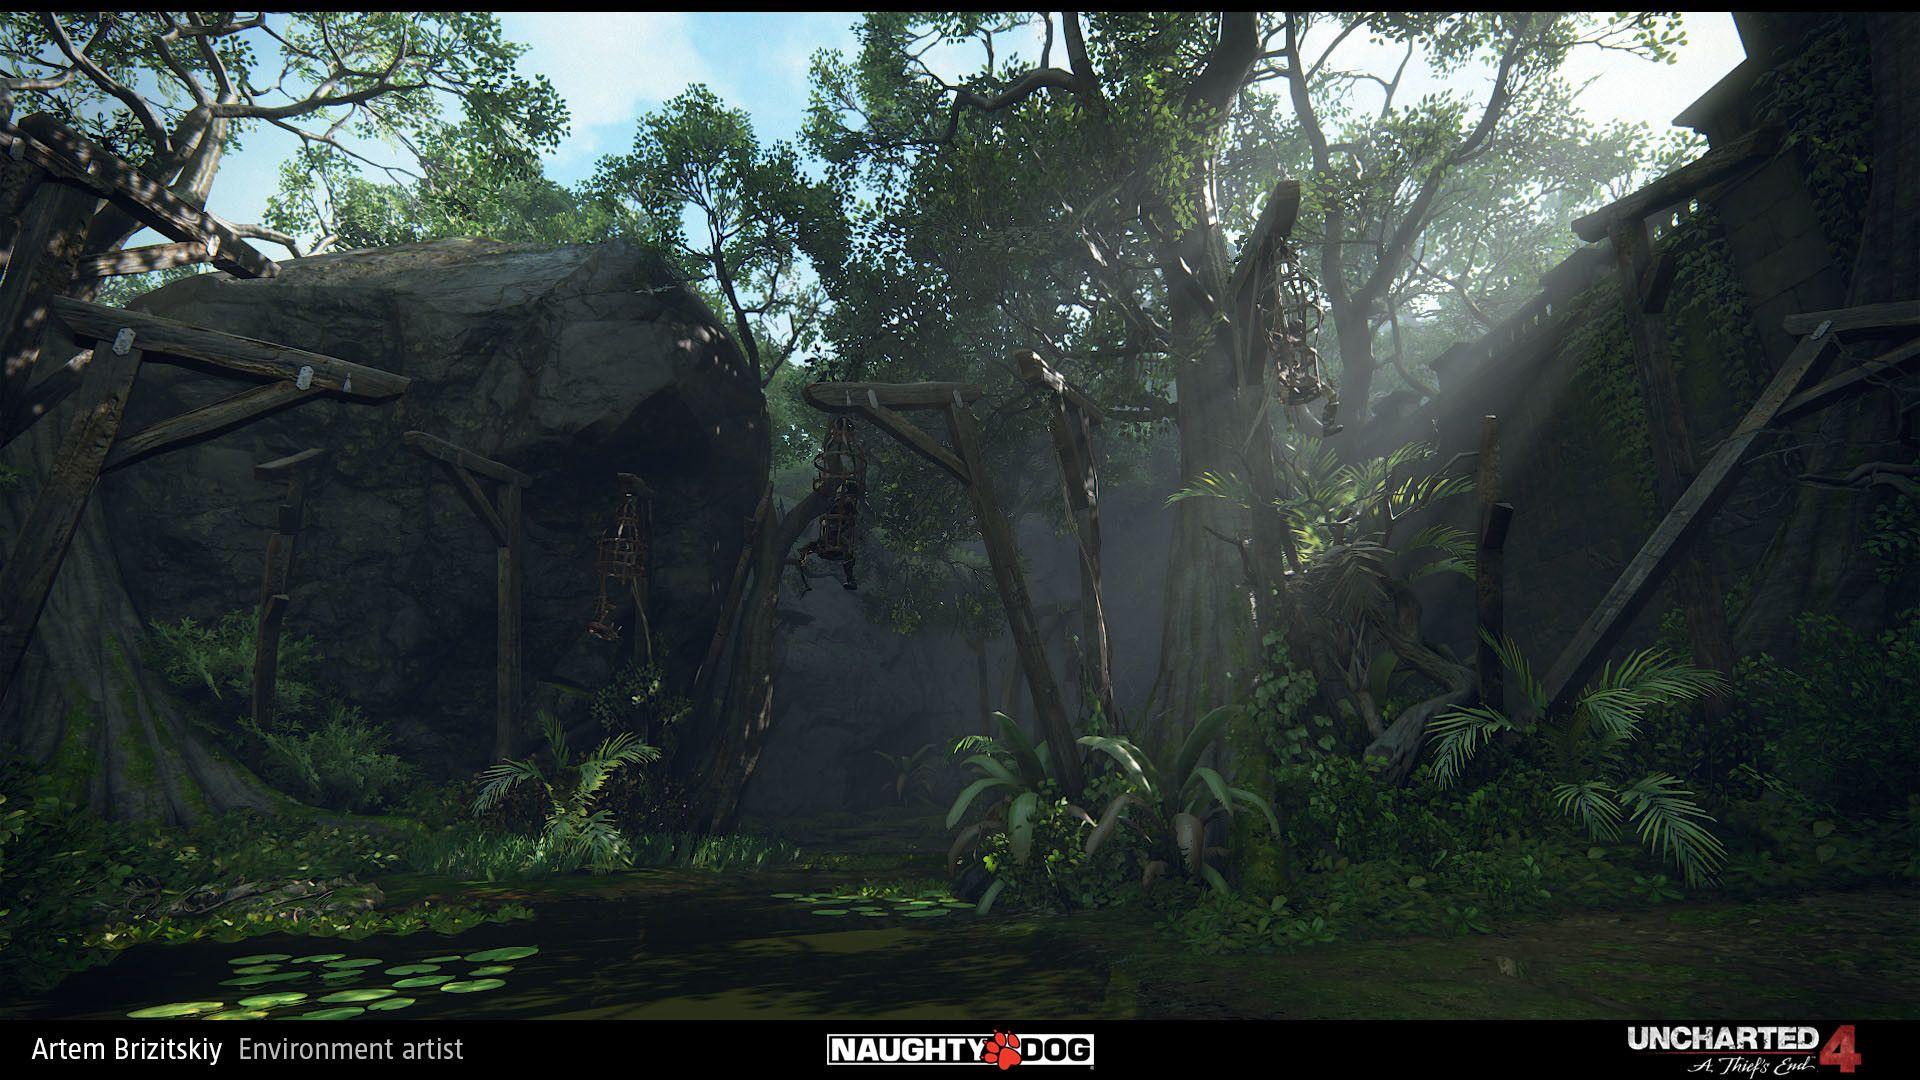 ArtStation - Uncharted 4 - sunken ruins, Artem Brizitskiy